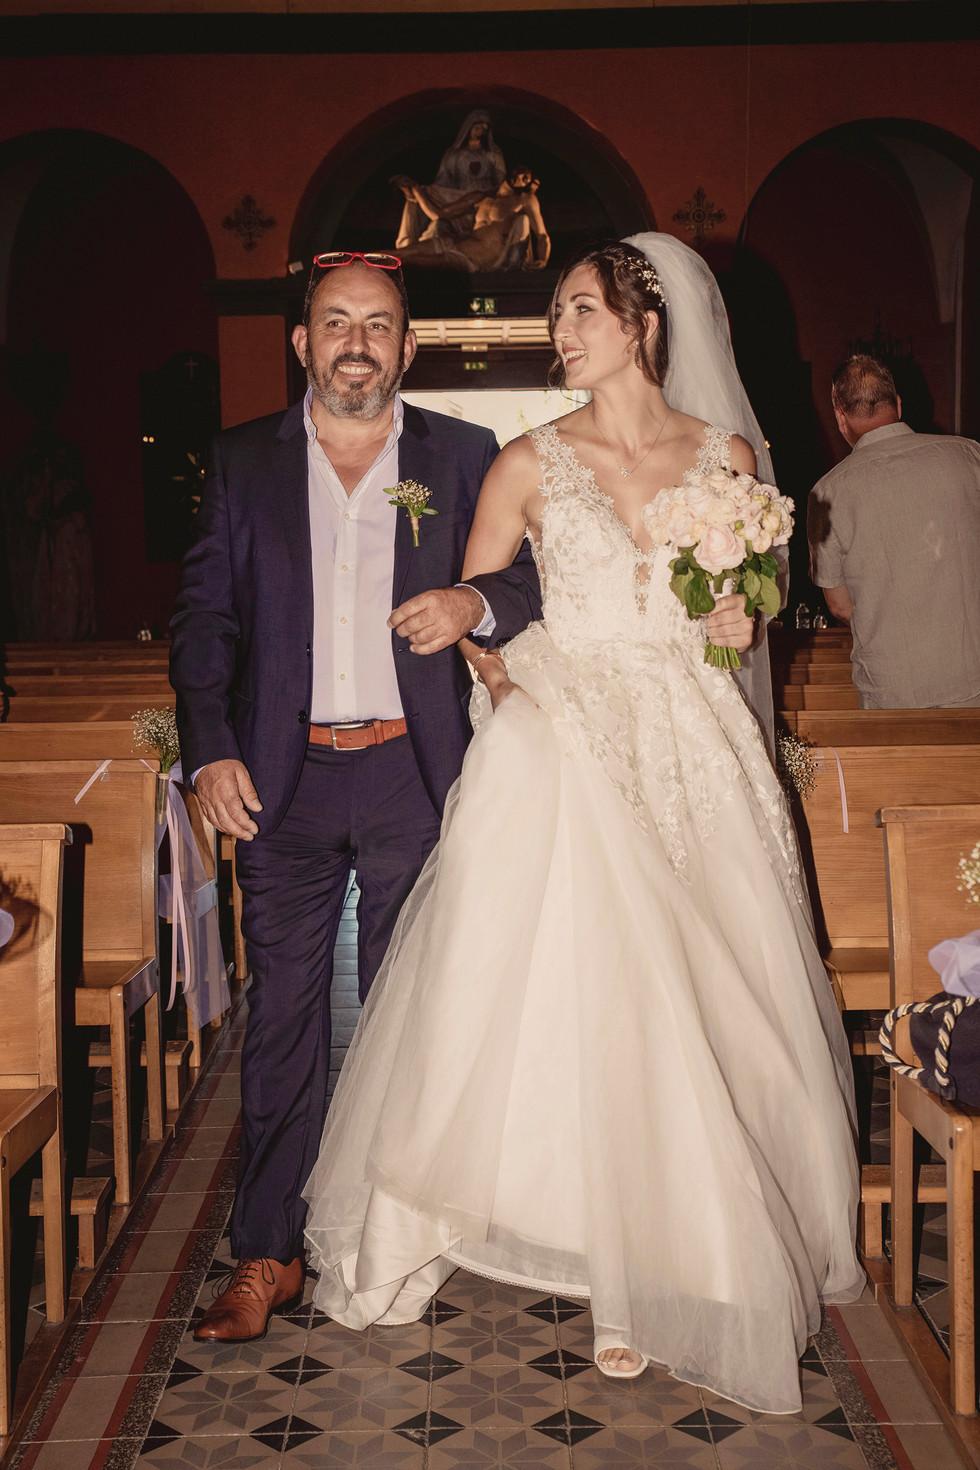 Un moment solennel, un papa fière d'amener sa fille devant l'autel.